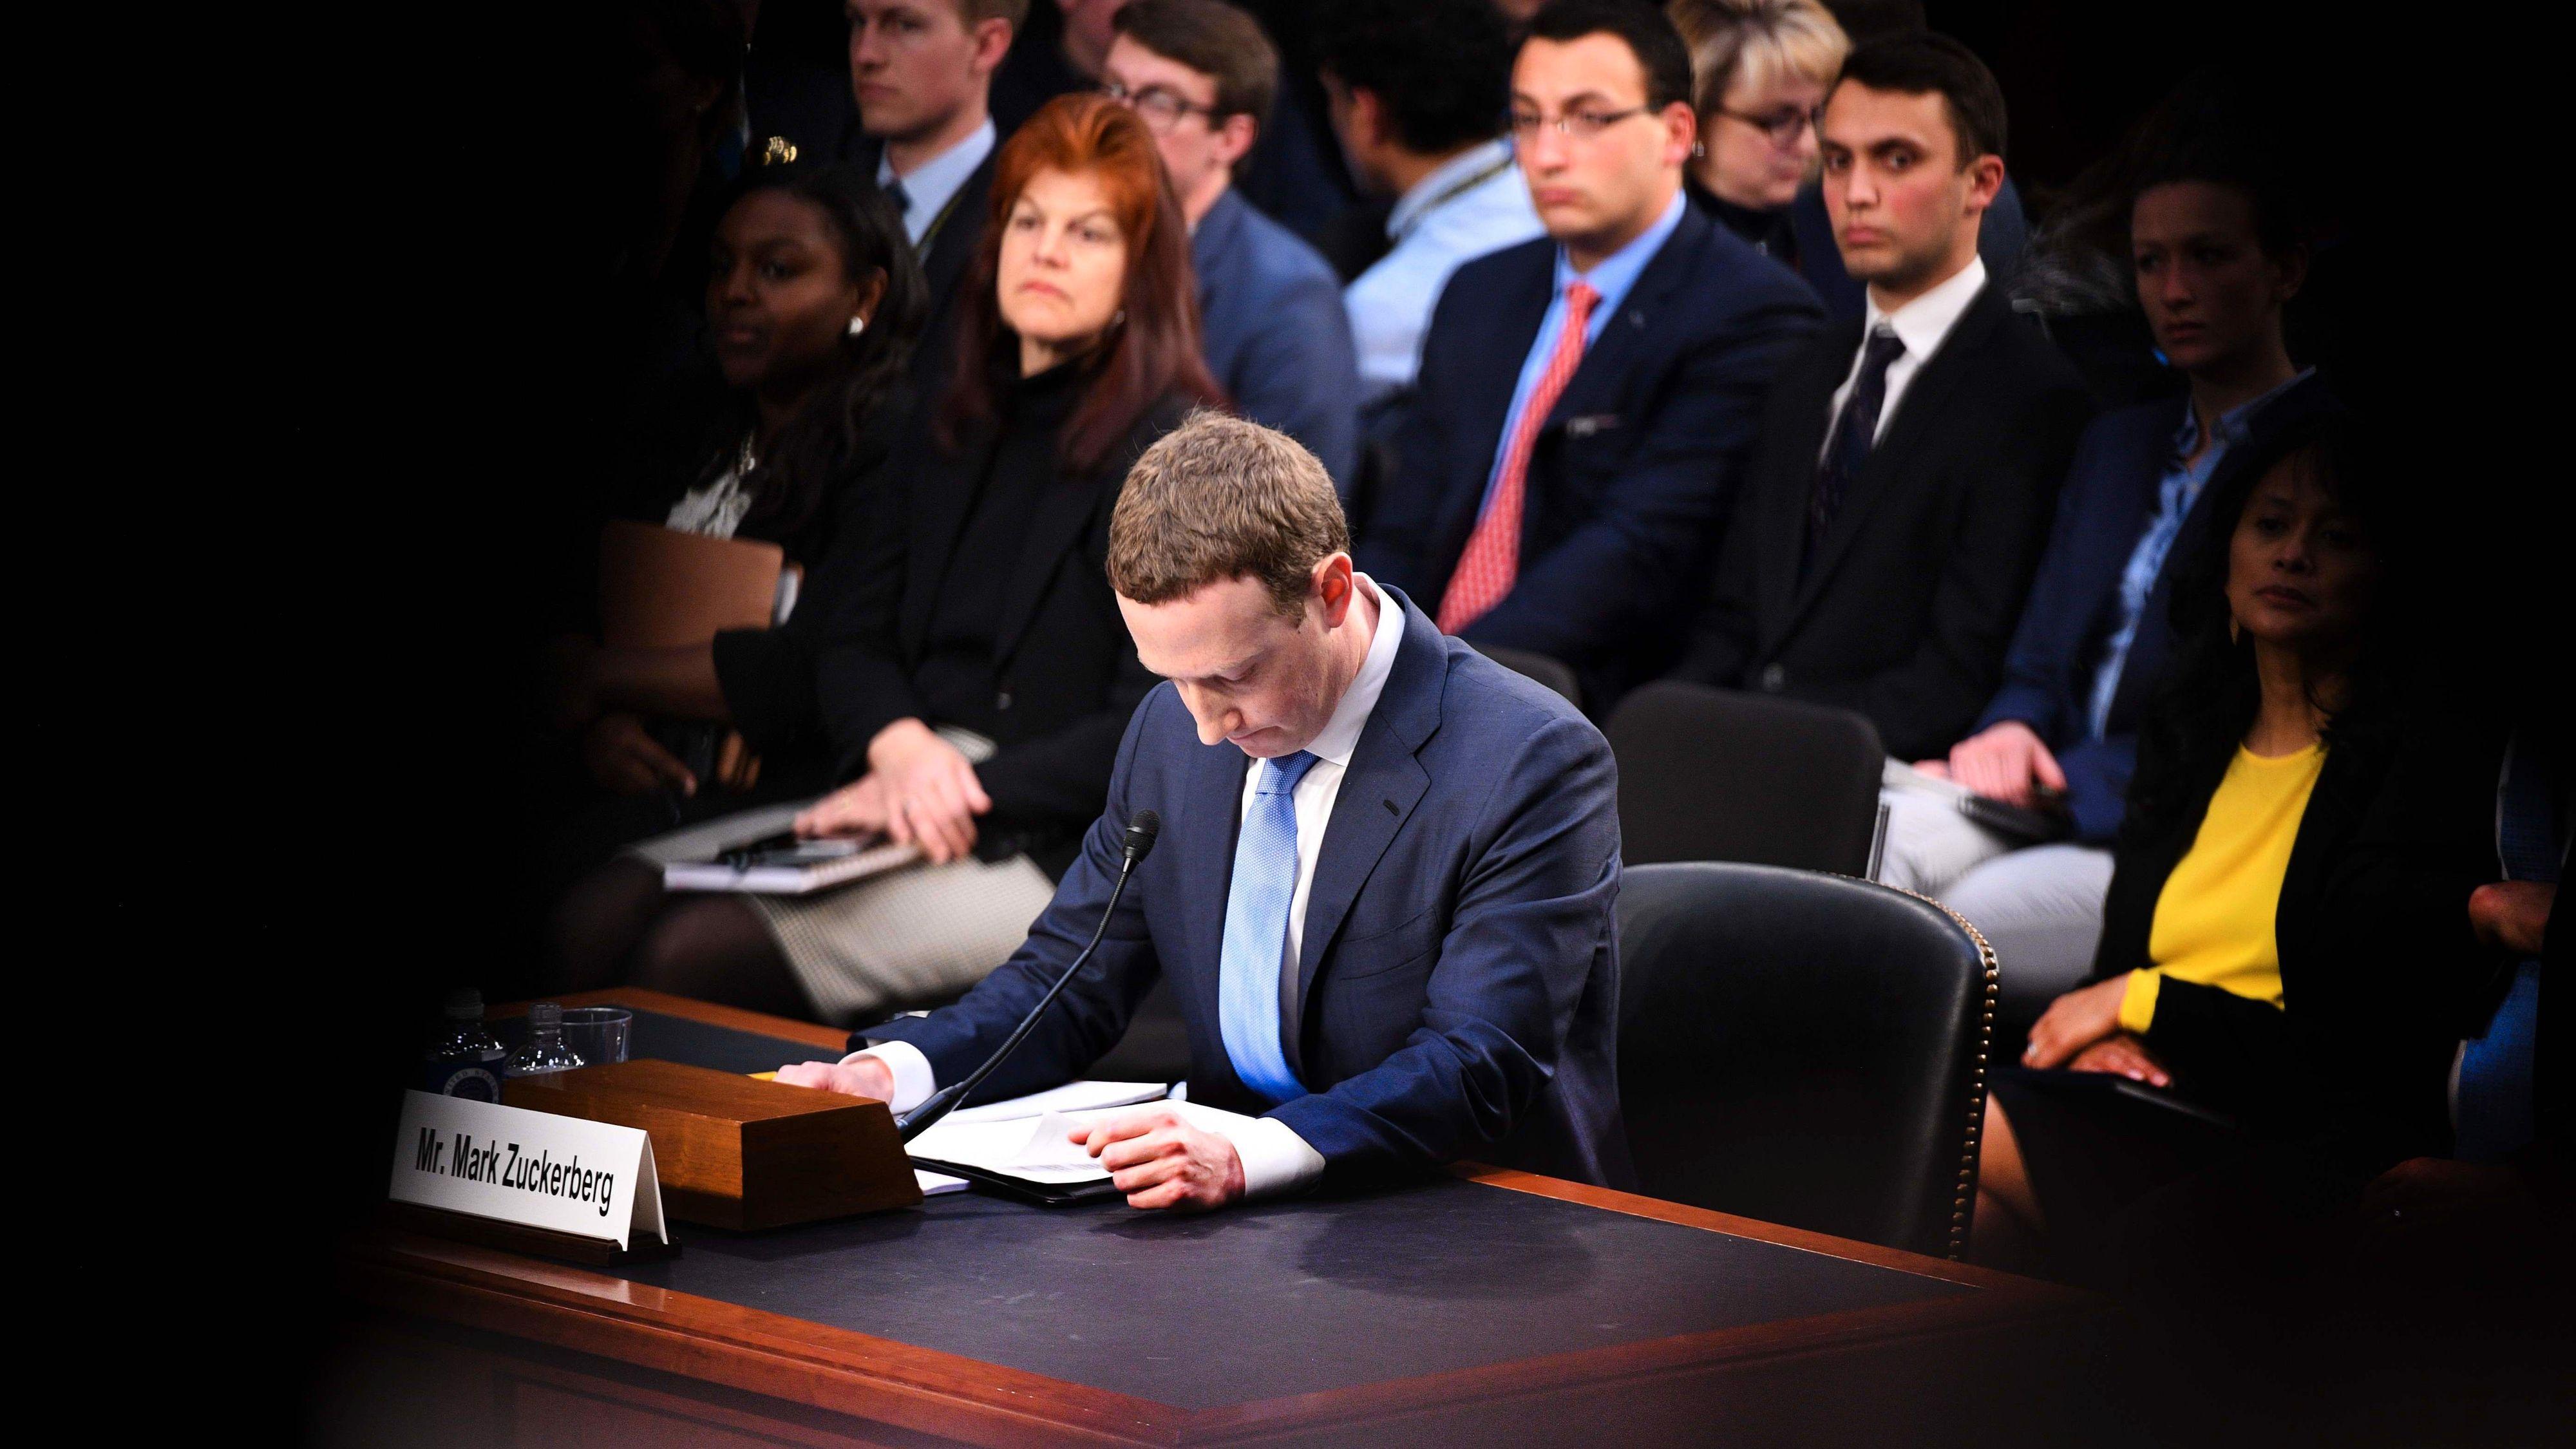 Zuckerberg: – Det var en stor feil. Det var min feil